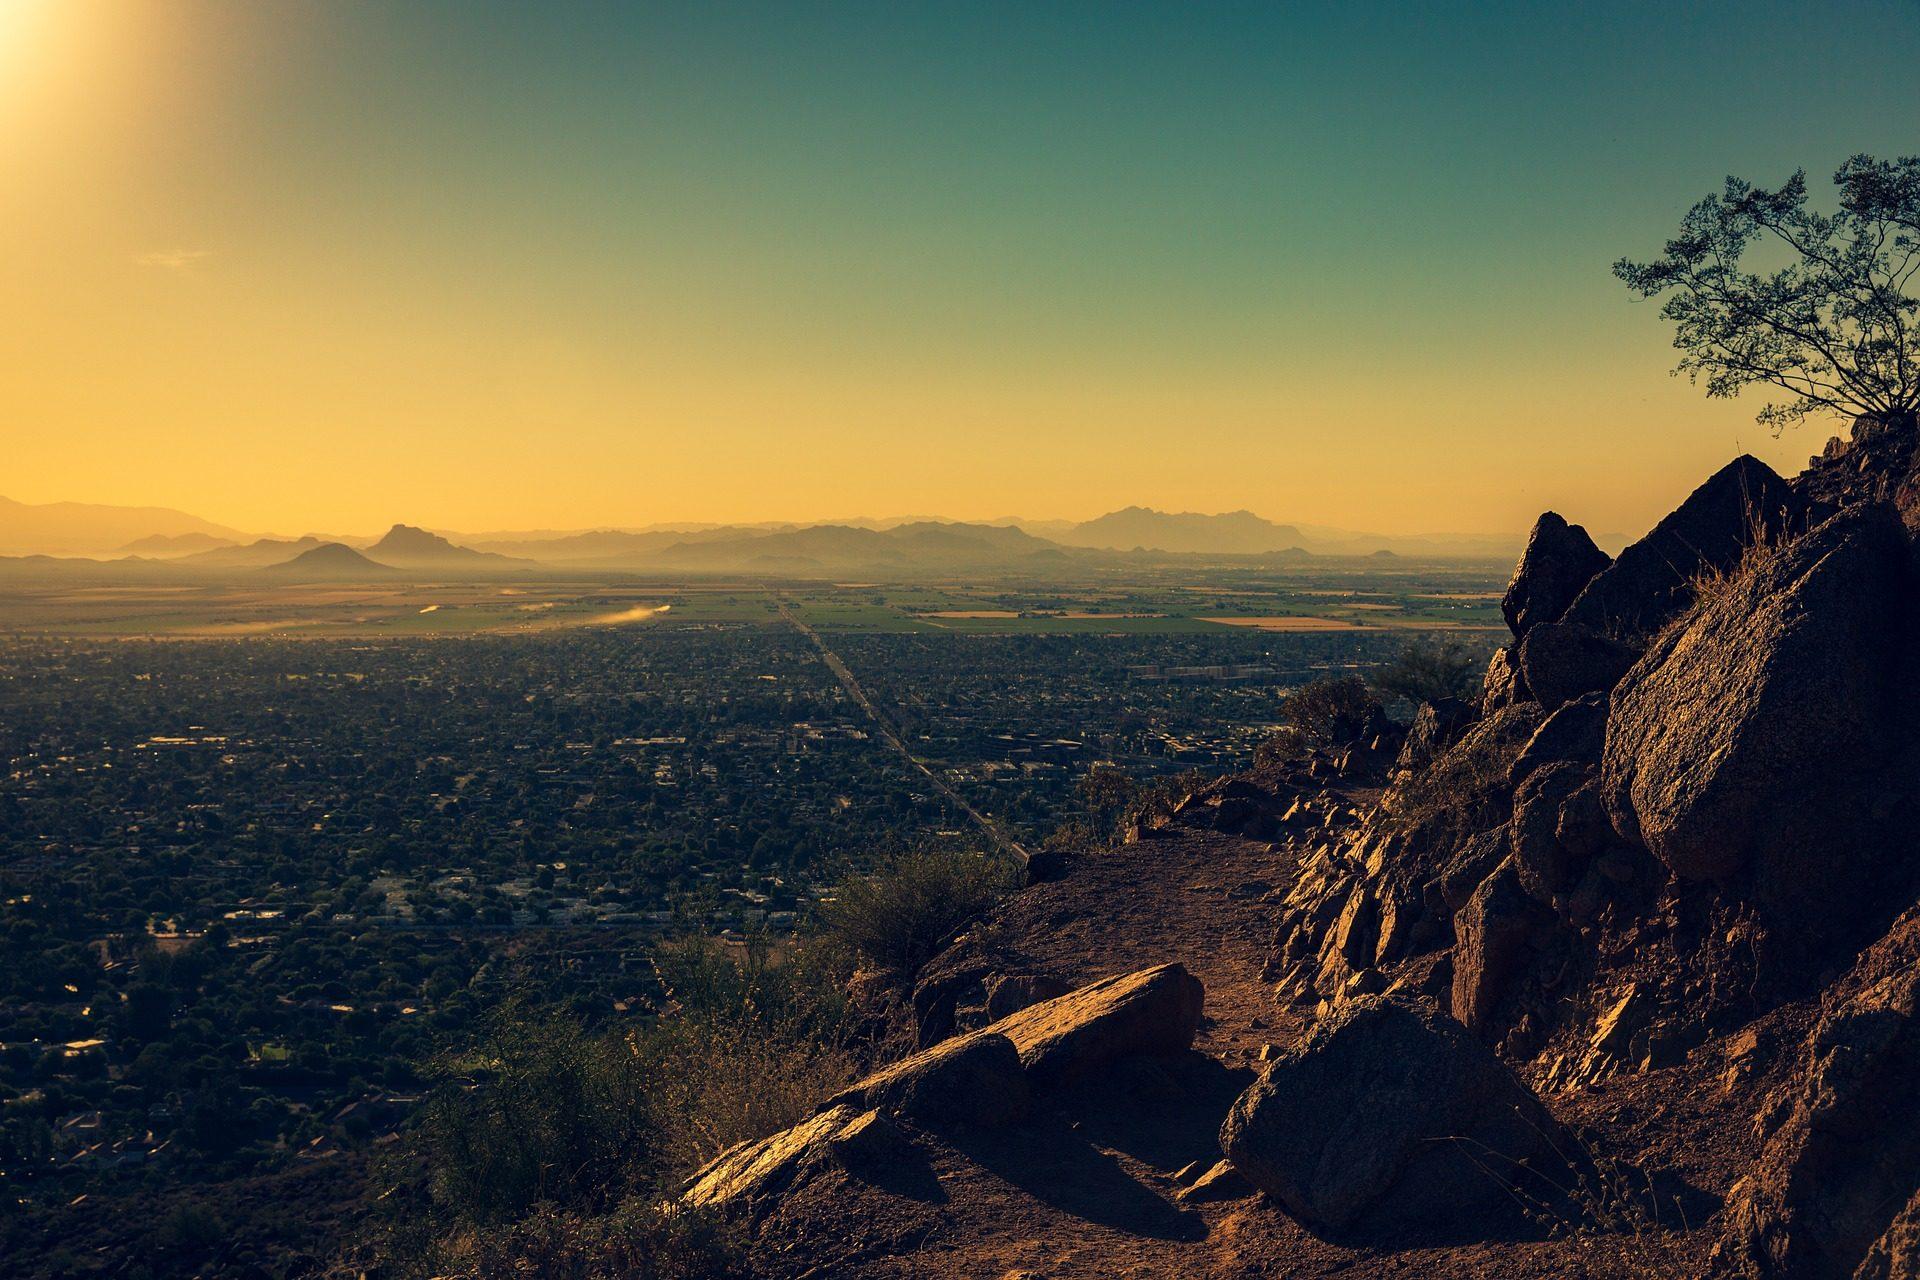 montanhas, Modos de exibição, aérea, distância, casas, árvores, nevoeiro - Papéis de parede HD - Professor-falken.com